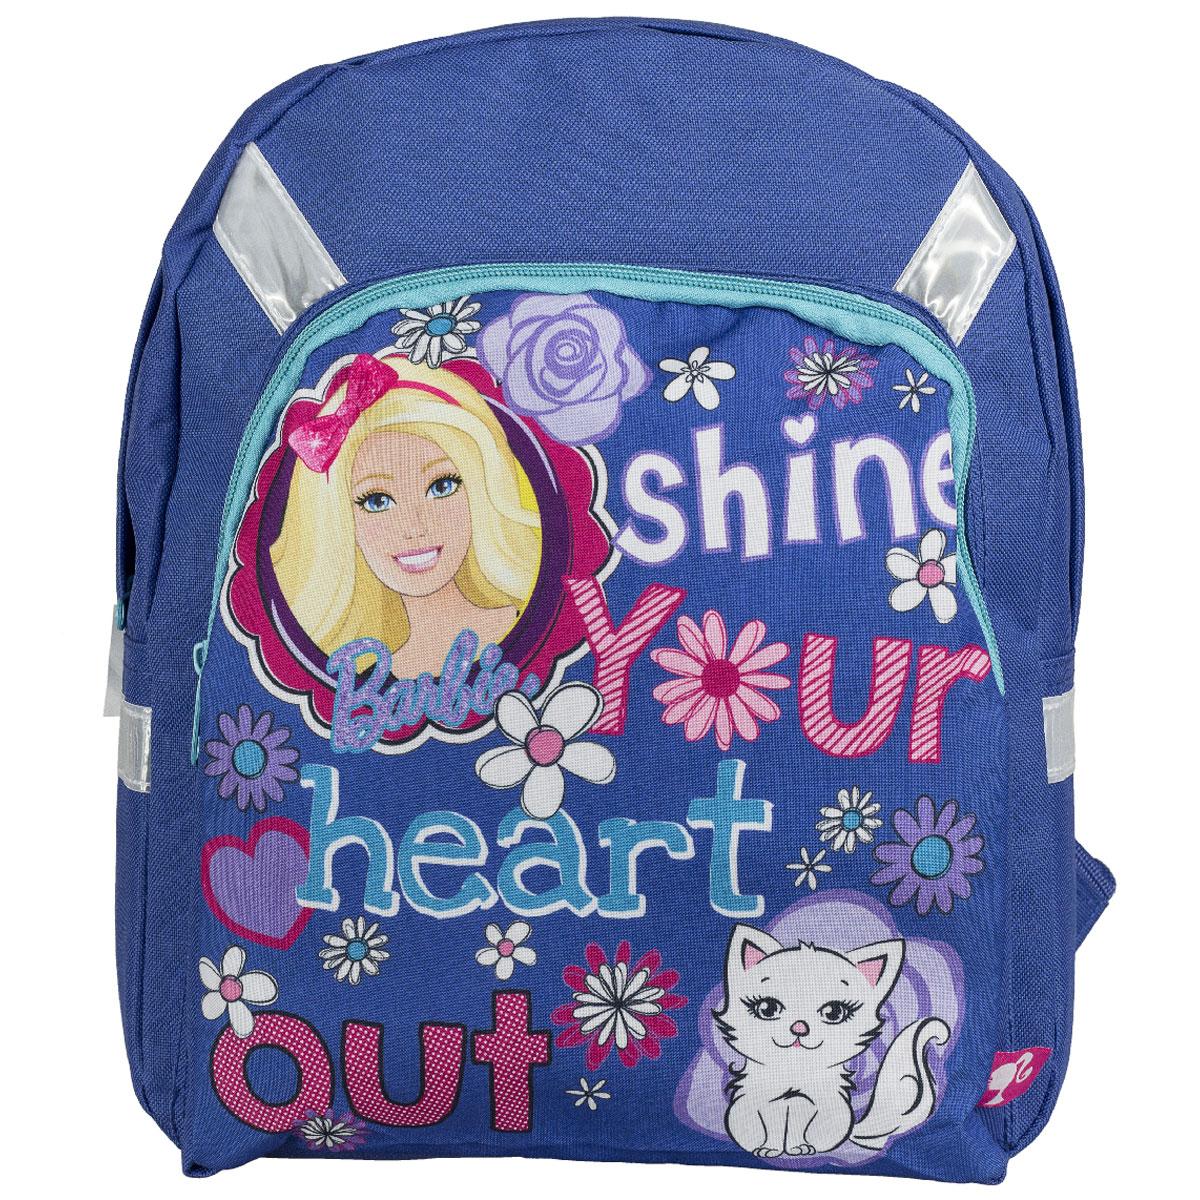 Рюкзак детский Barbie, цвет: синий. BRCB-UT4-558BRCB-UT4-558Детский рюкзак Barbie обязательно привлечет внимание вашей девочки. Выполнен из прочного и безопасного материала и дополнен изображением милой Барби с кошечкой.Содержит одно вместительное отделение, закрывающееся на застежку-молнию. Лицевая сторона оснащена накладным карманом на молнии. Широкие лямки отлично регулируются по длине. Также у рюкзака предусмотрена текстильная ручка для переноски в руке. Светоотражающие элементы обеспечивают безопасность в темное время суток.Такой рюкзак порадует глаз и подарит отличное настроение вашему ребенку, который будет с удовольствием носить в нем свои вещи или любимые игрушки.Рекомендуемый возраст: от 7 лет.